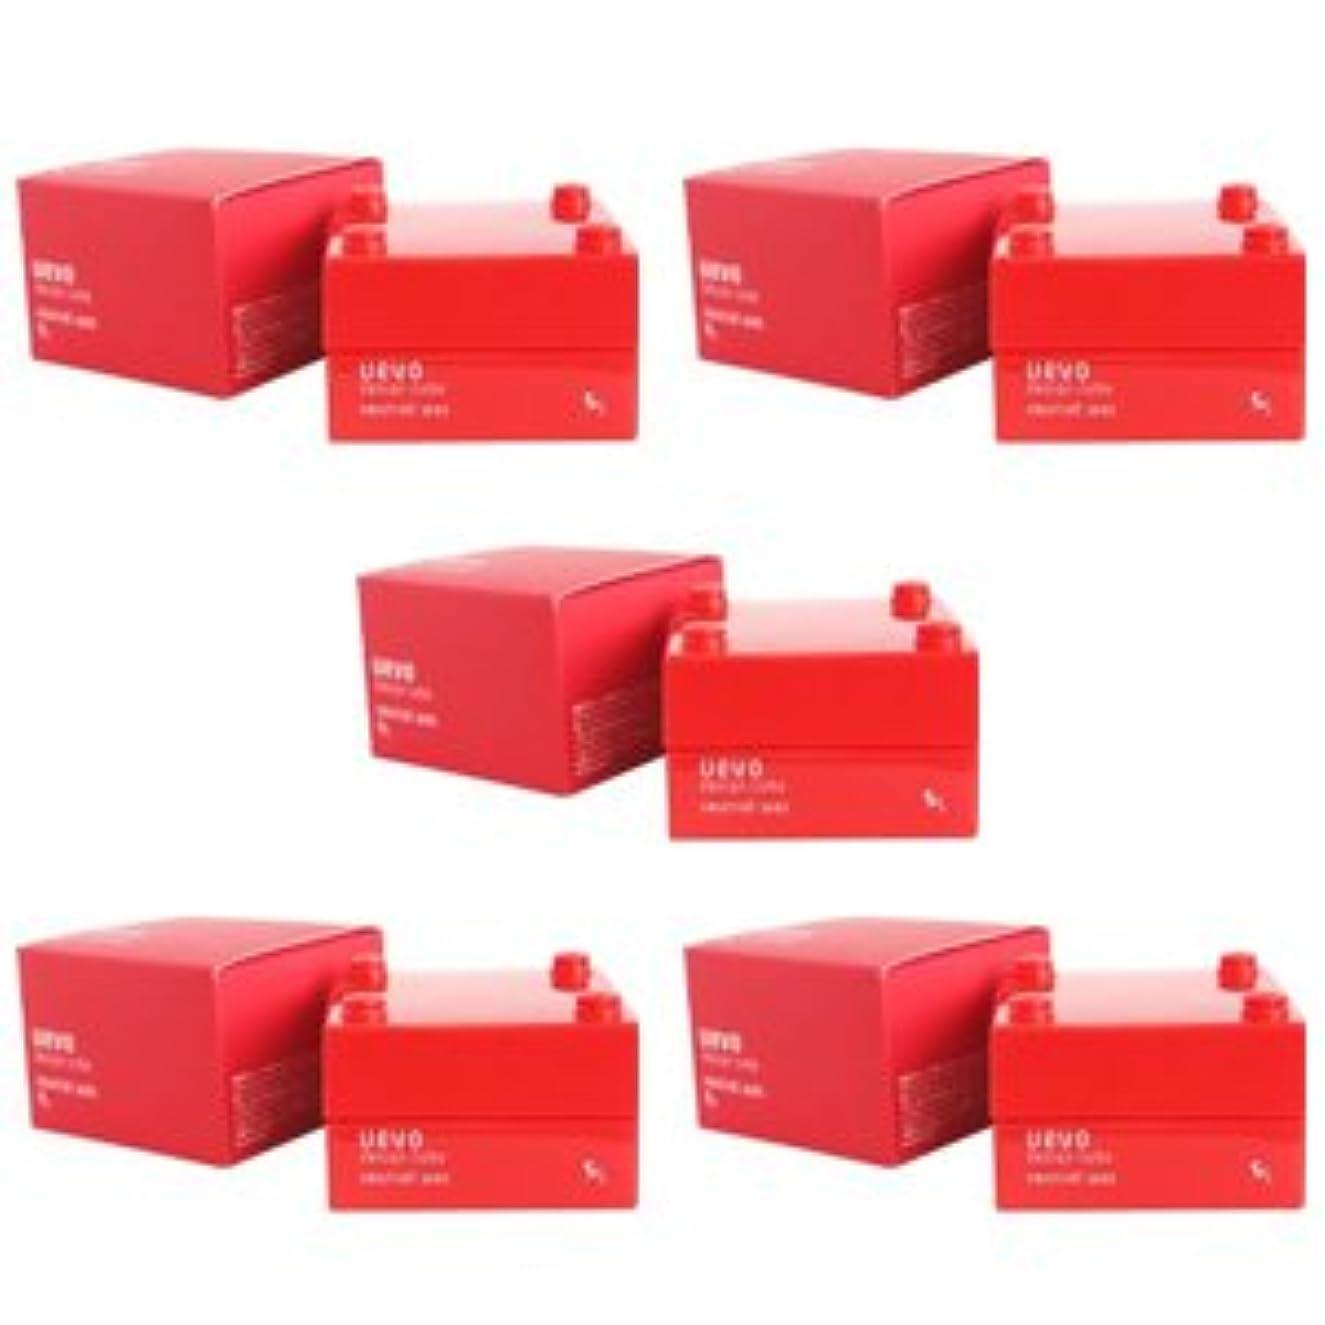 資本教室郵便番号【X5個セット】 デミ ウェーボ デザインキューブ ニュートラルワックス 30g neutral wax DEMI uevo design cube